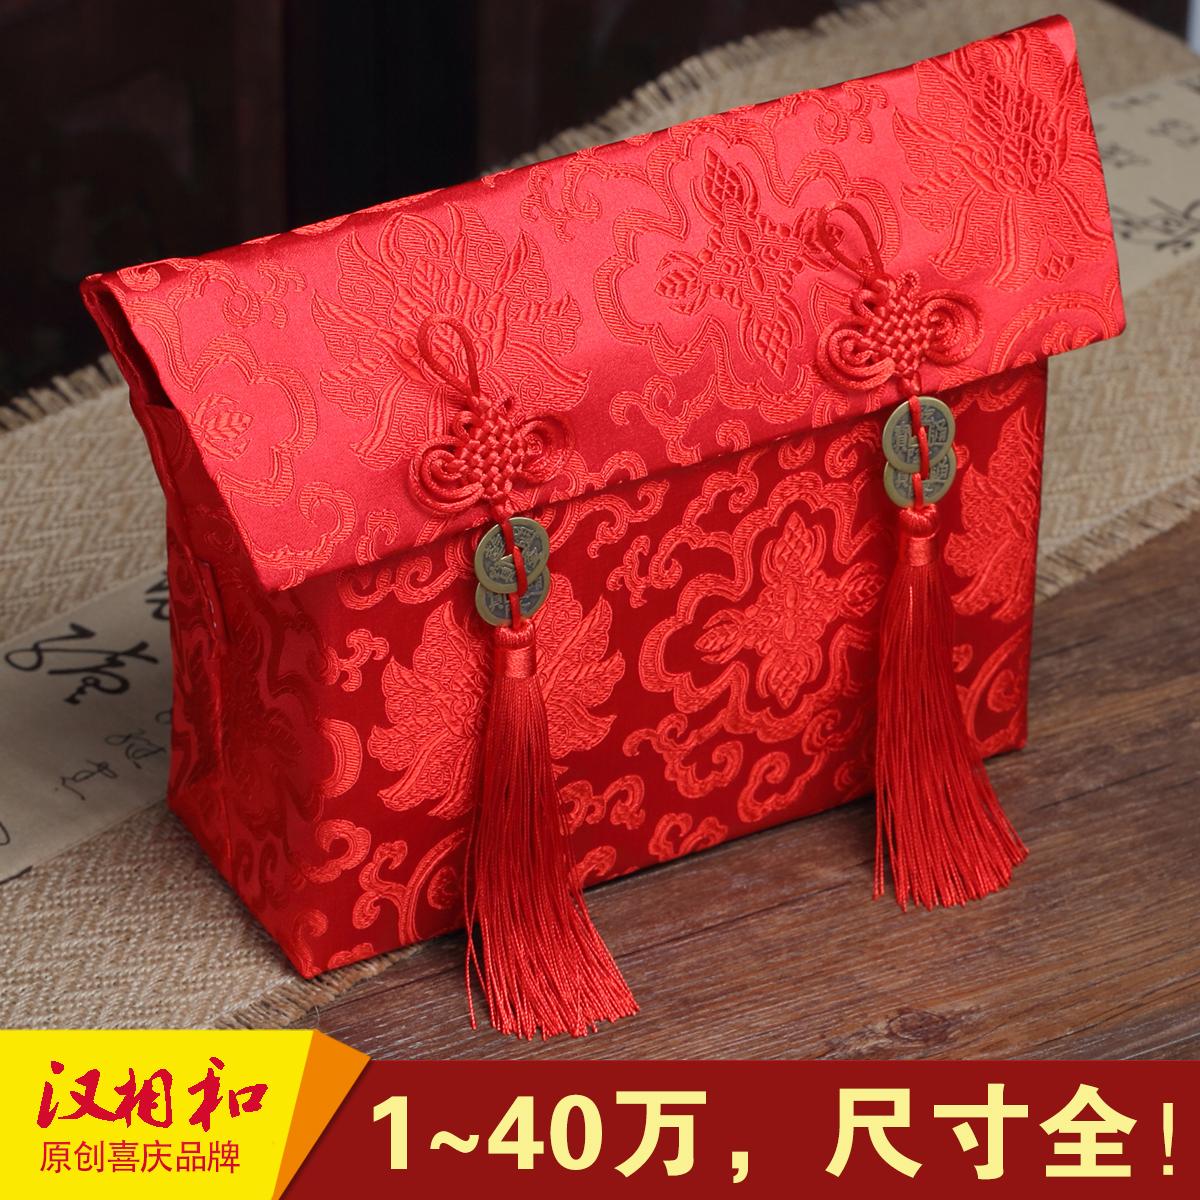 汉相和结婚创意布艺红包袋通用利是封刺绣锦缎礼金包彩礼钱袋礼金 Изображение 1